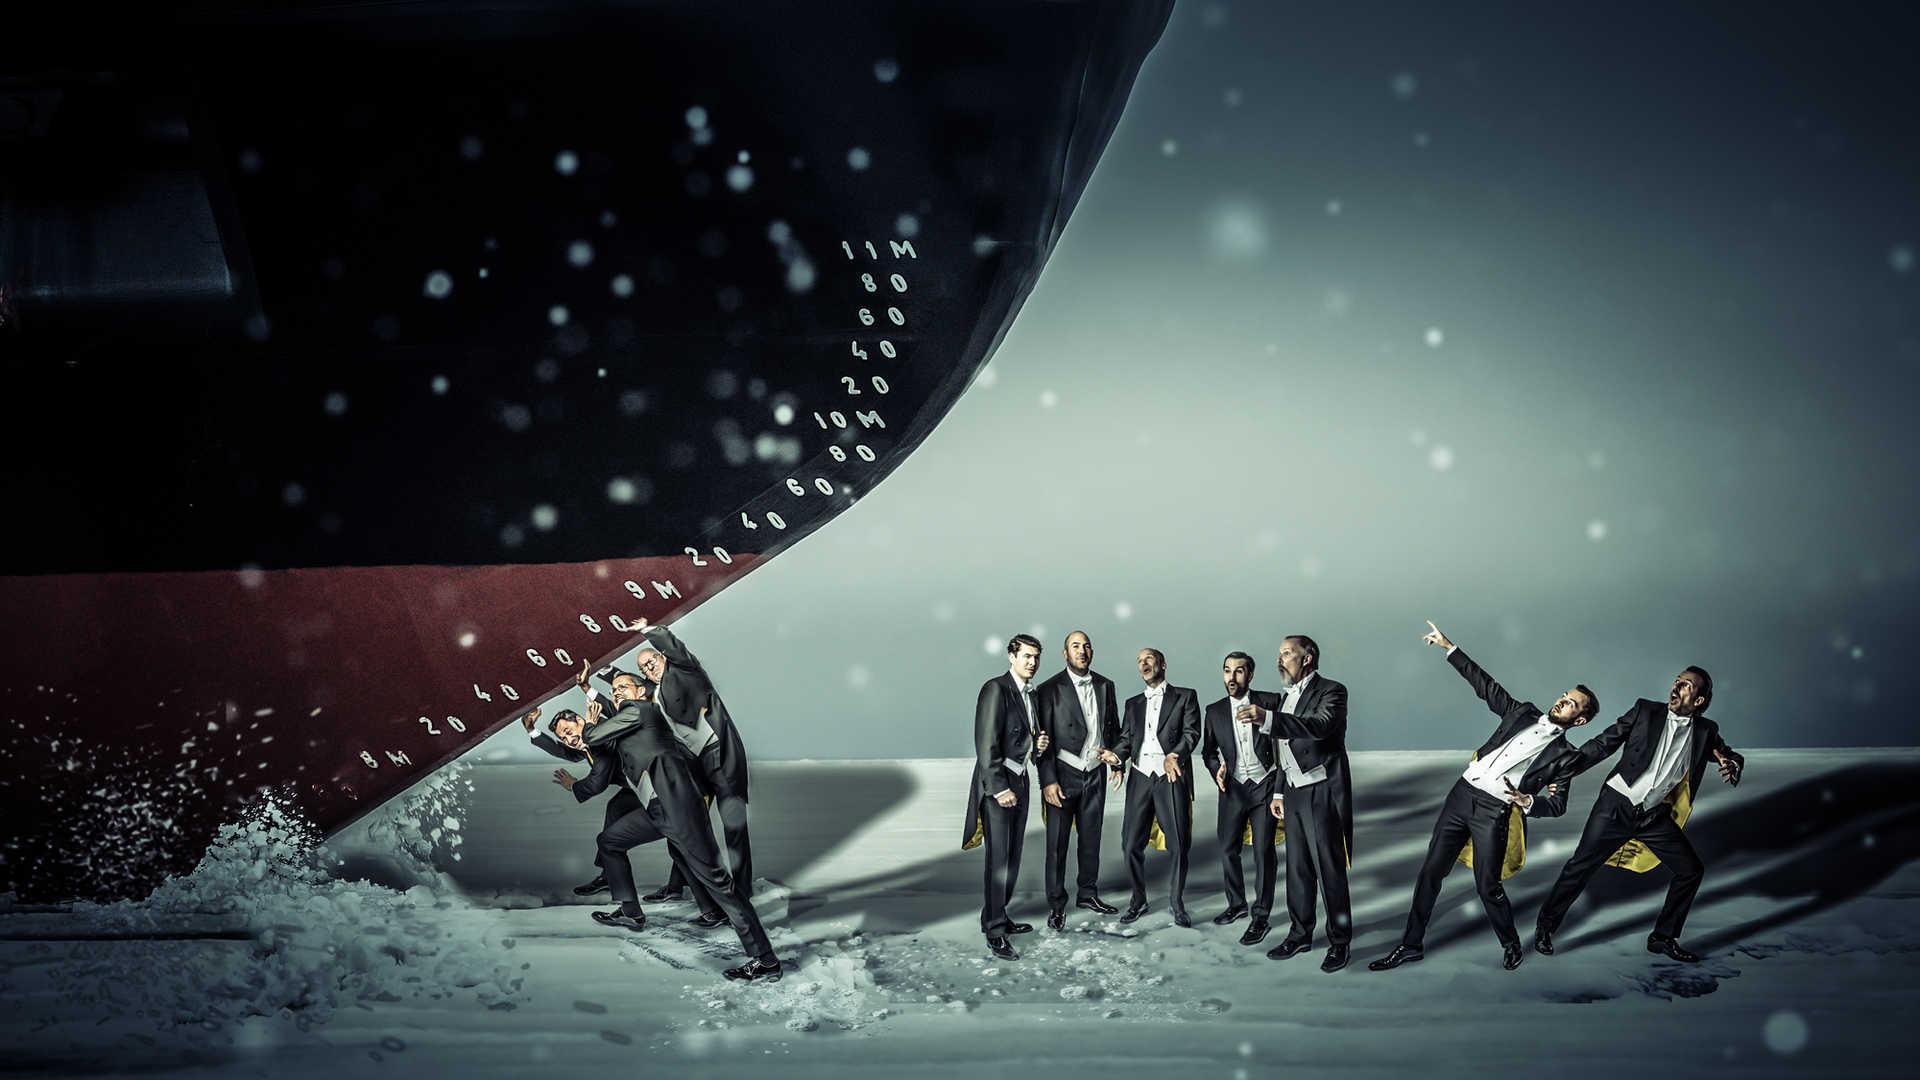 Pinguins_Icebraker-Bearbeitet_final.jpg